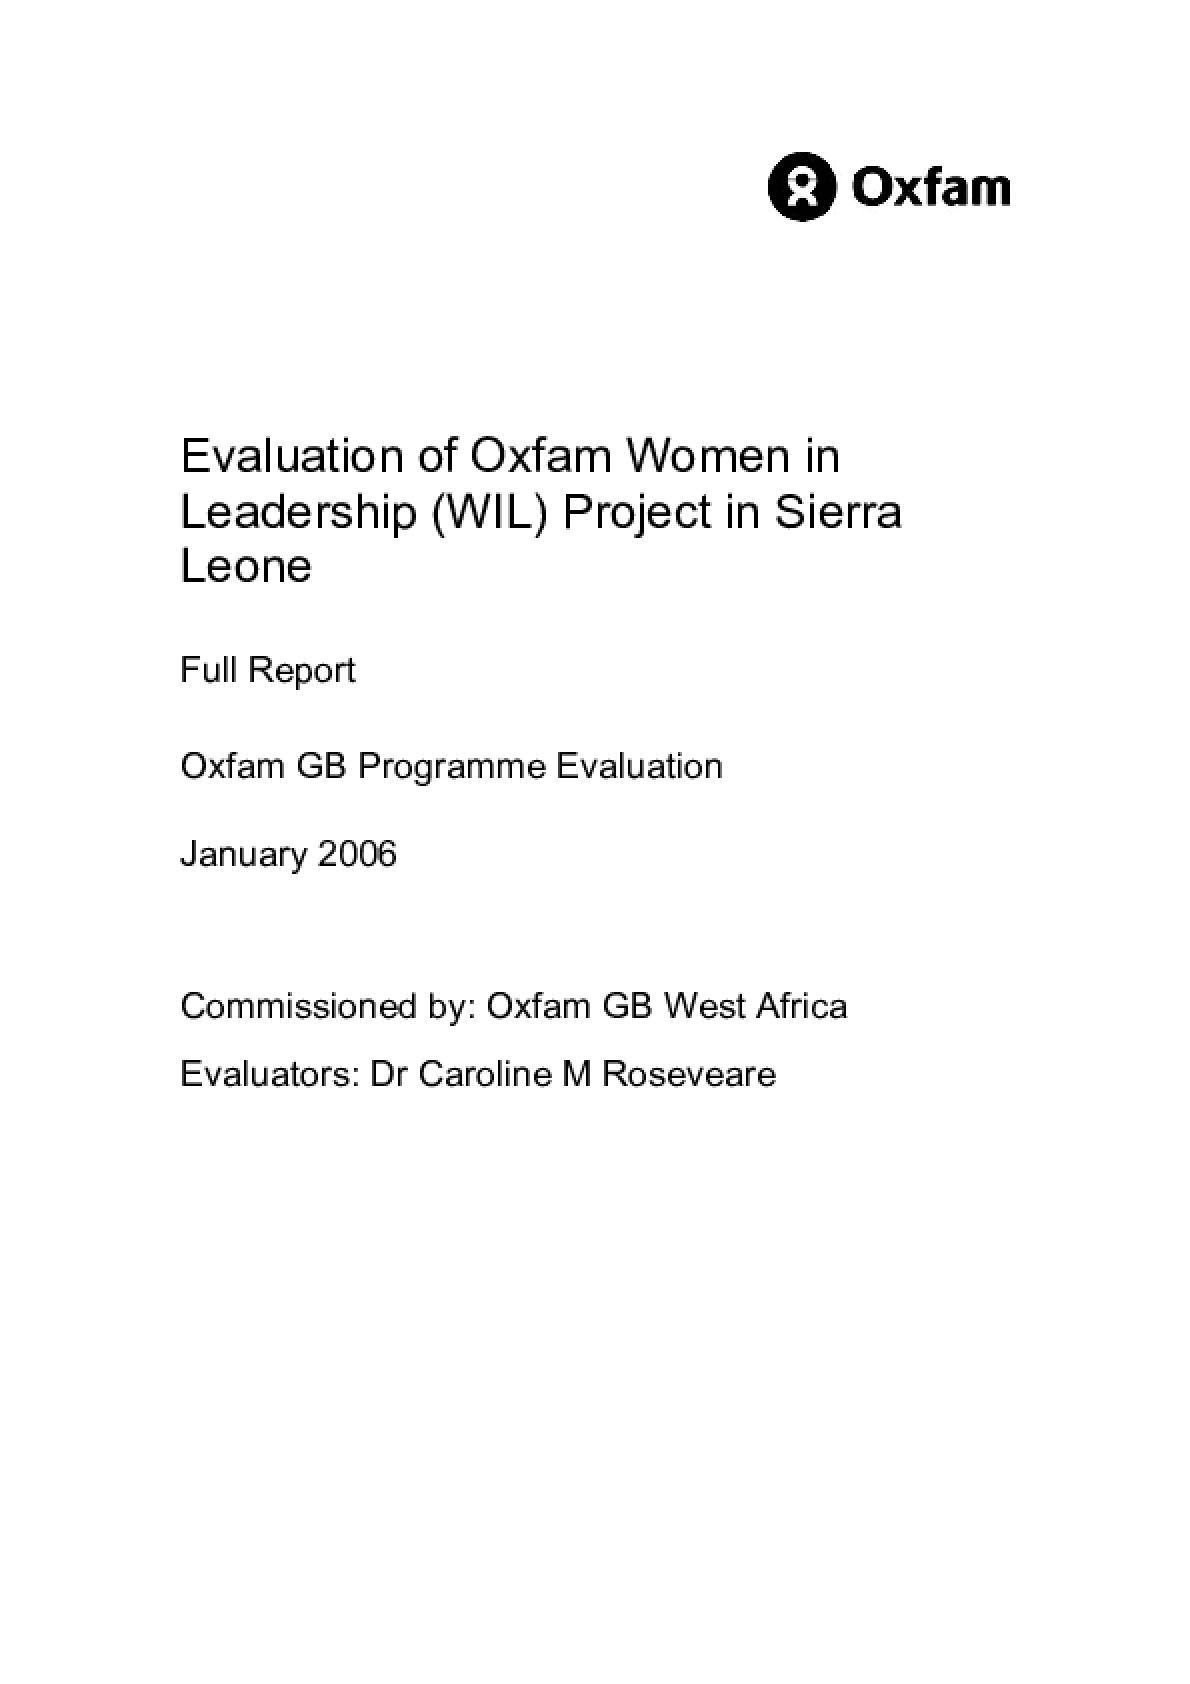 Evaluation of Oxfam Women in Leadership (WIL) Project in Sierra Leone